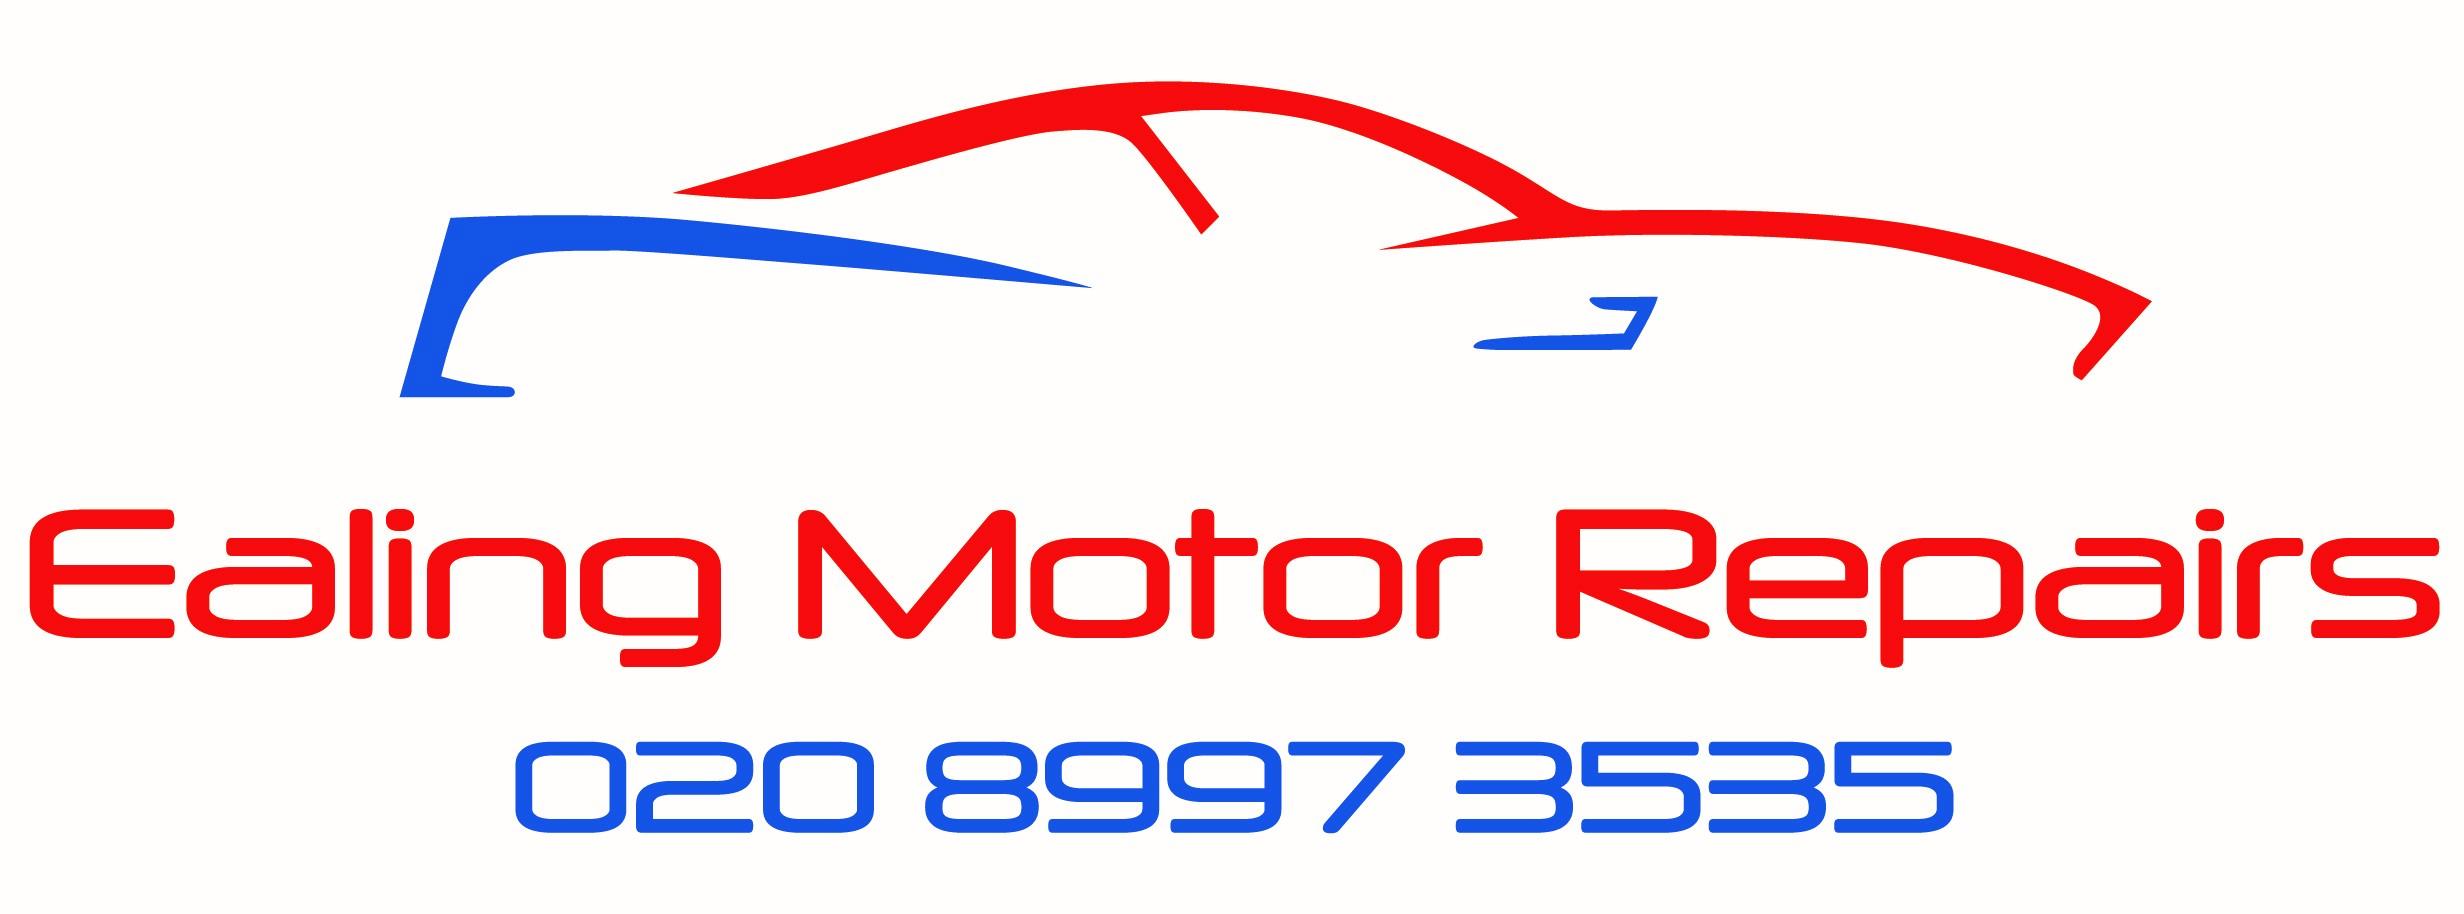 Ealing Motor Repairs Ltd